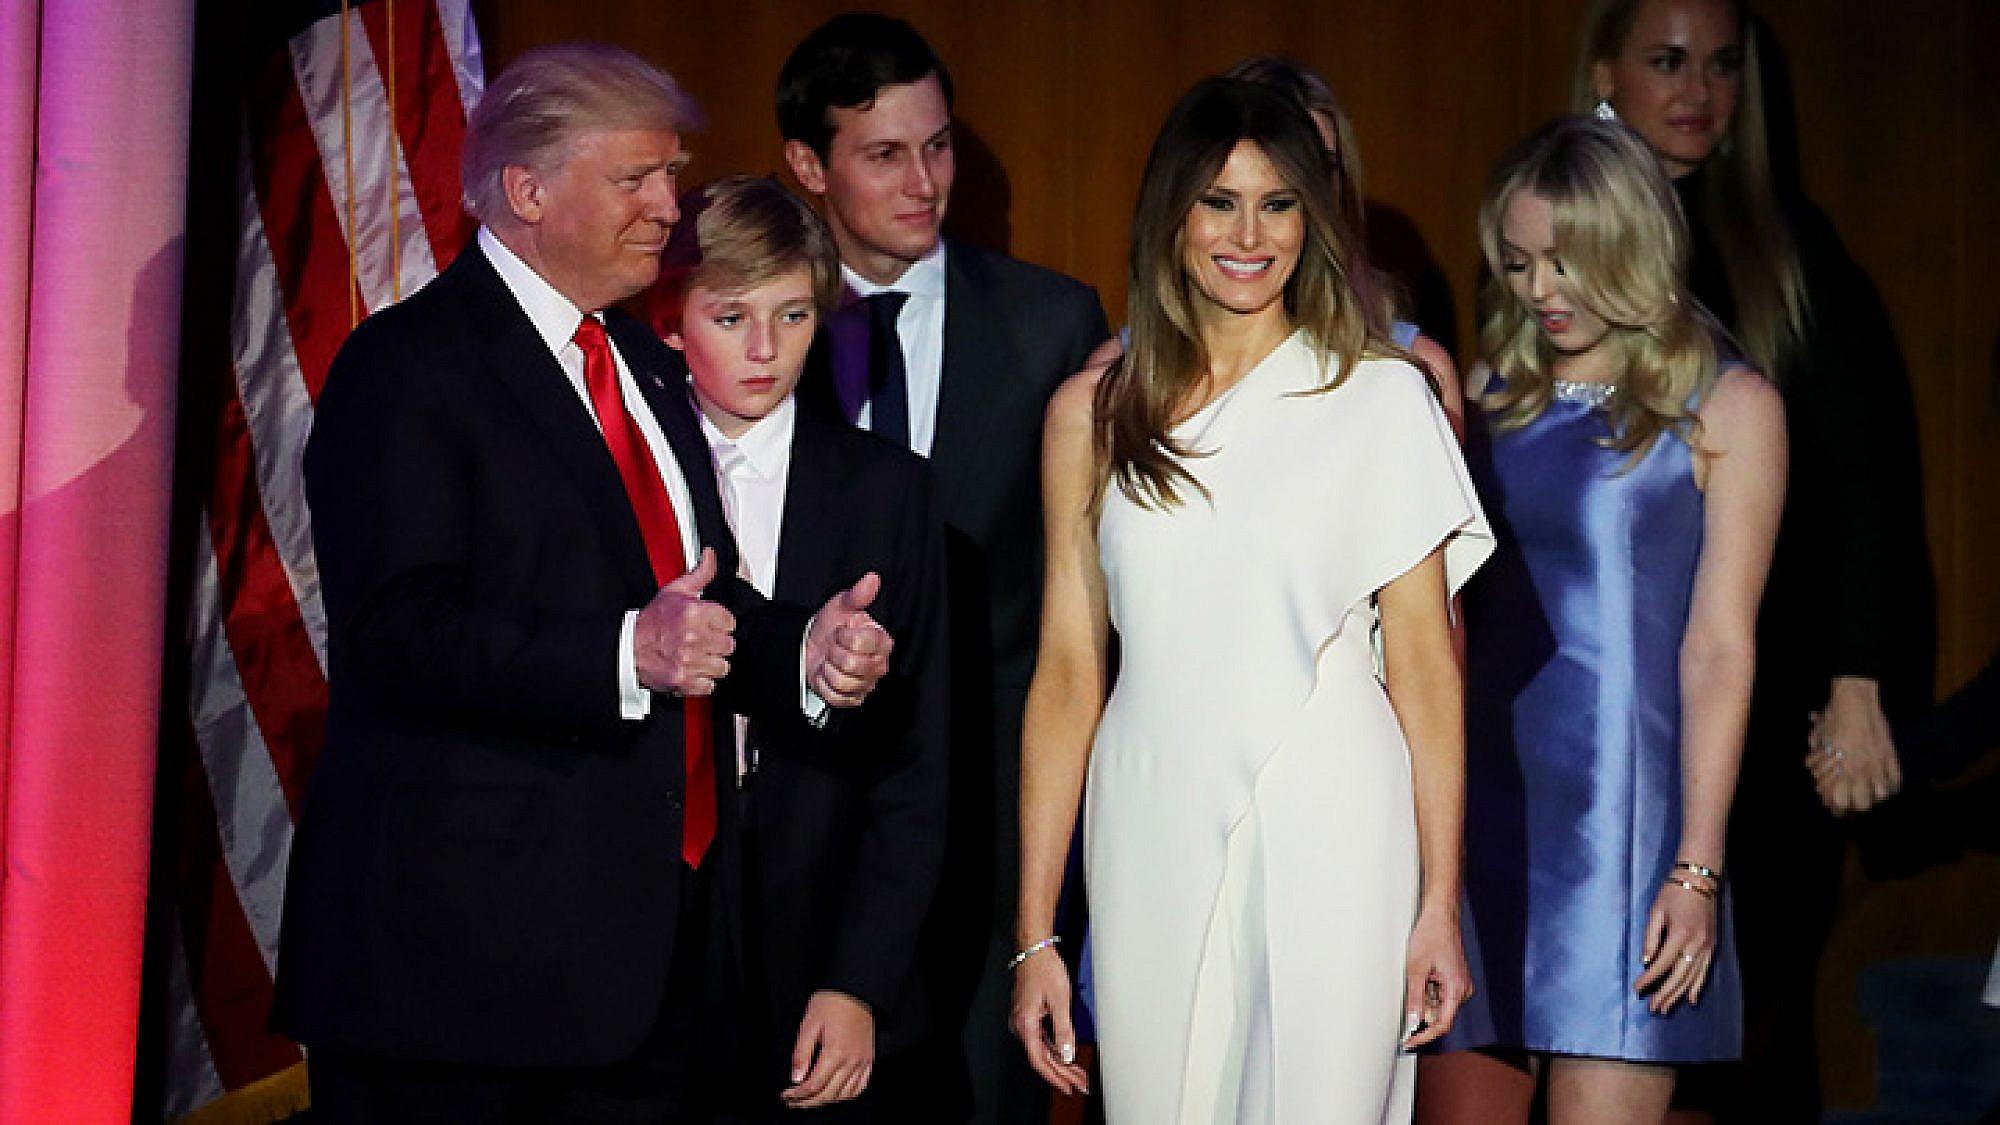 משפחת טראמפ   צילום: GettyImages